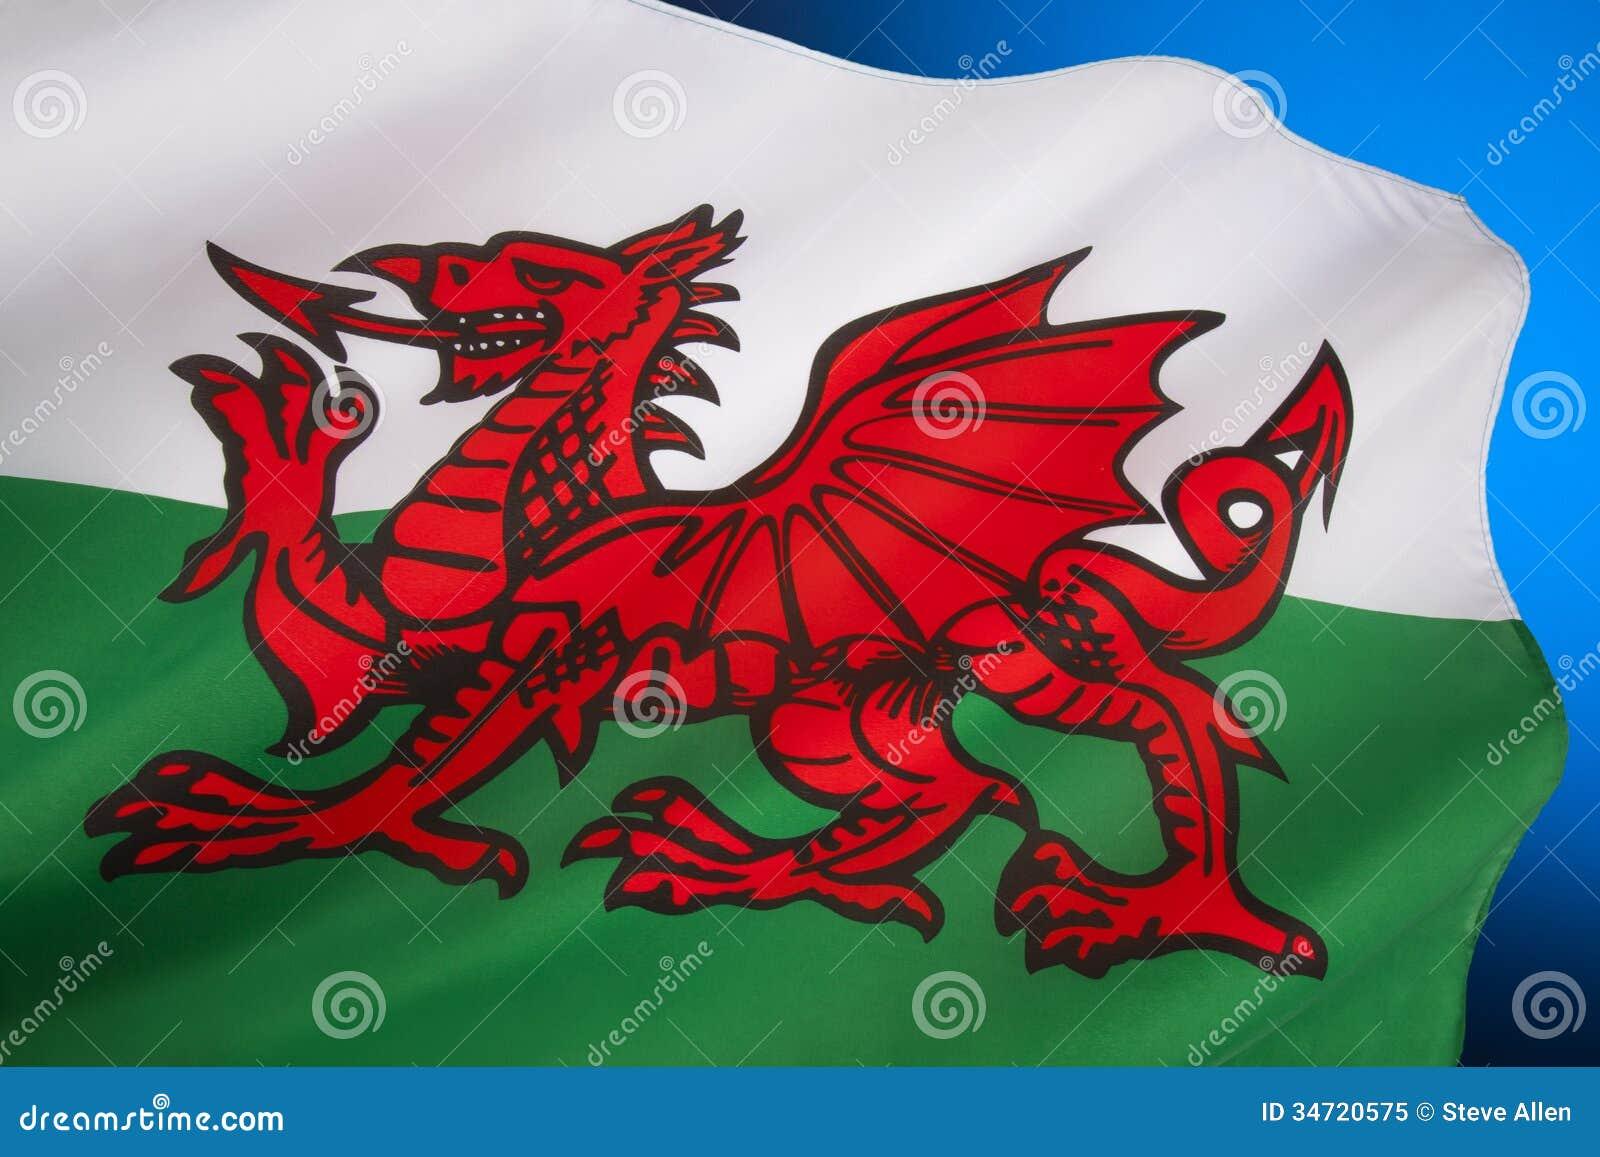 Bandera De País De Gales - Reino Unido Imagen de archivo - Imagen de ...